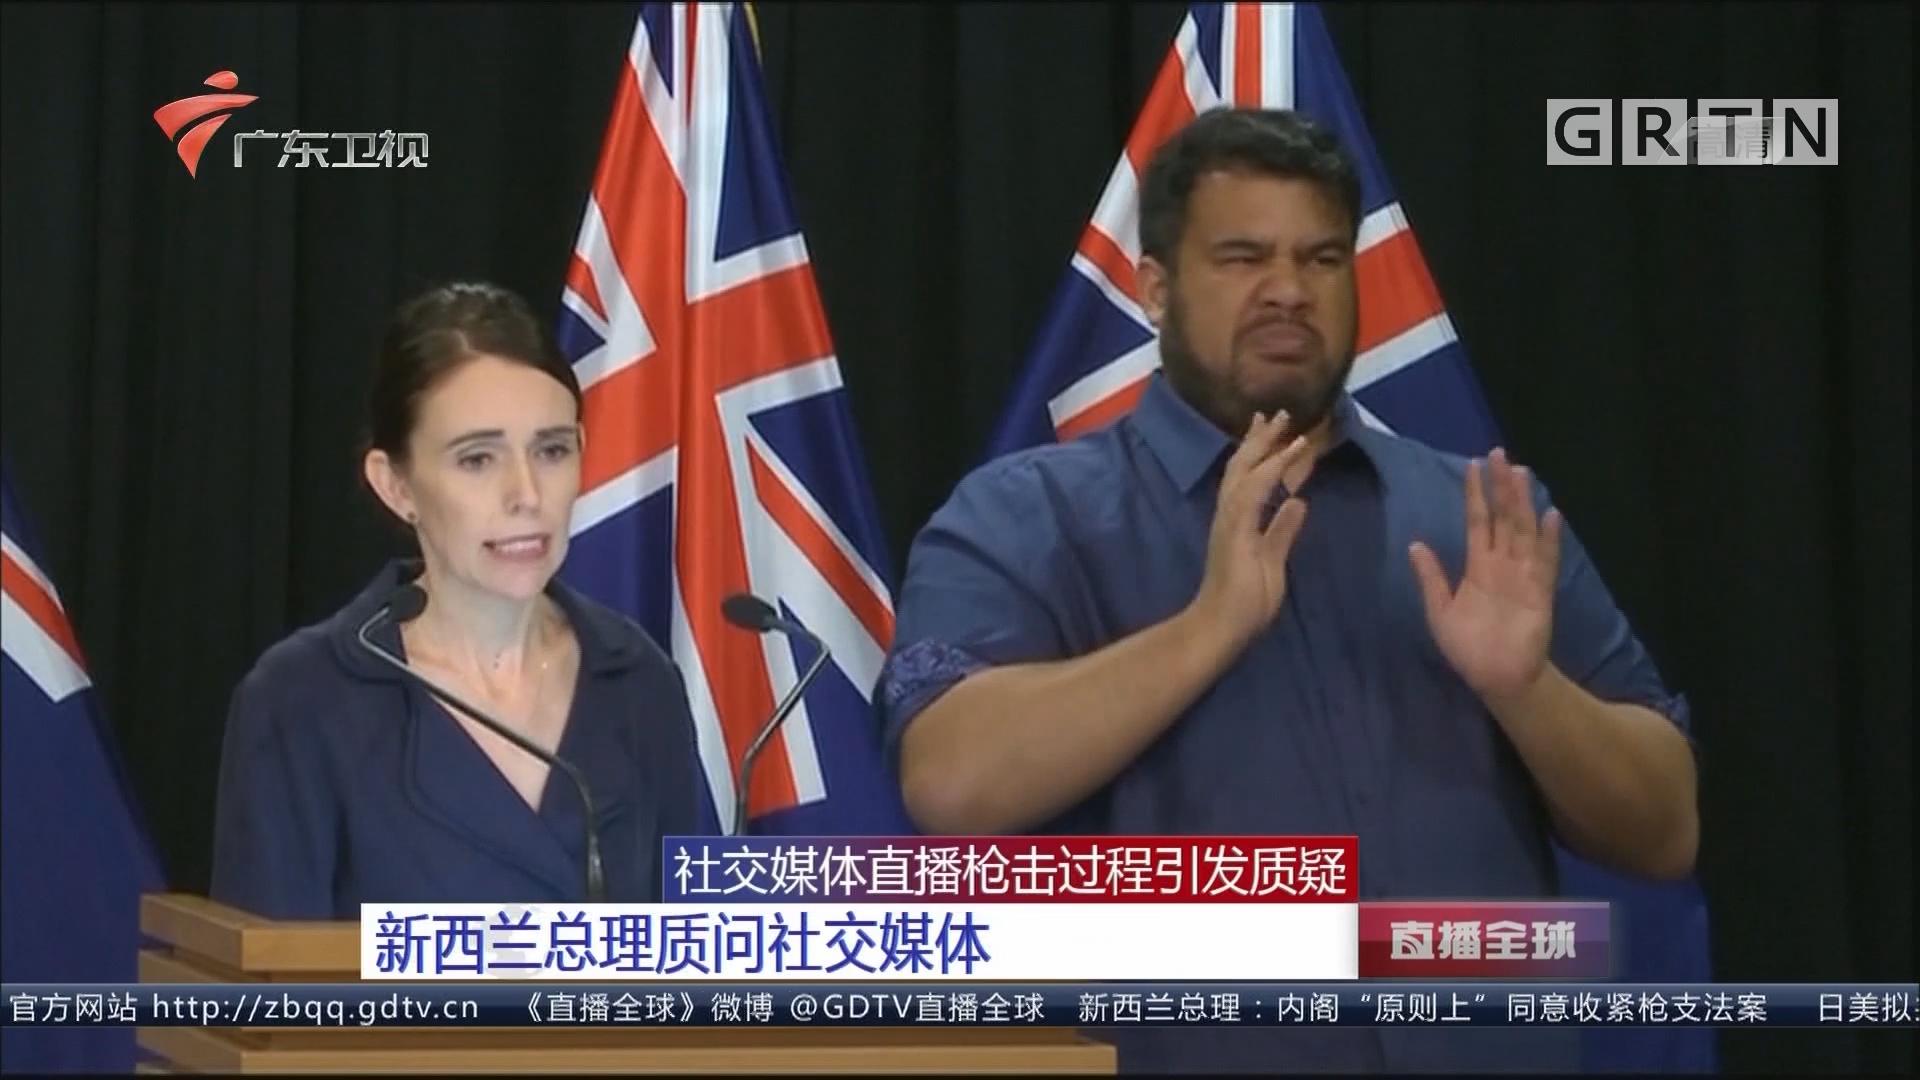 社交媒体直播枪击过程引发质疑:新西兰总理质问社交媒体